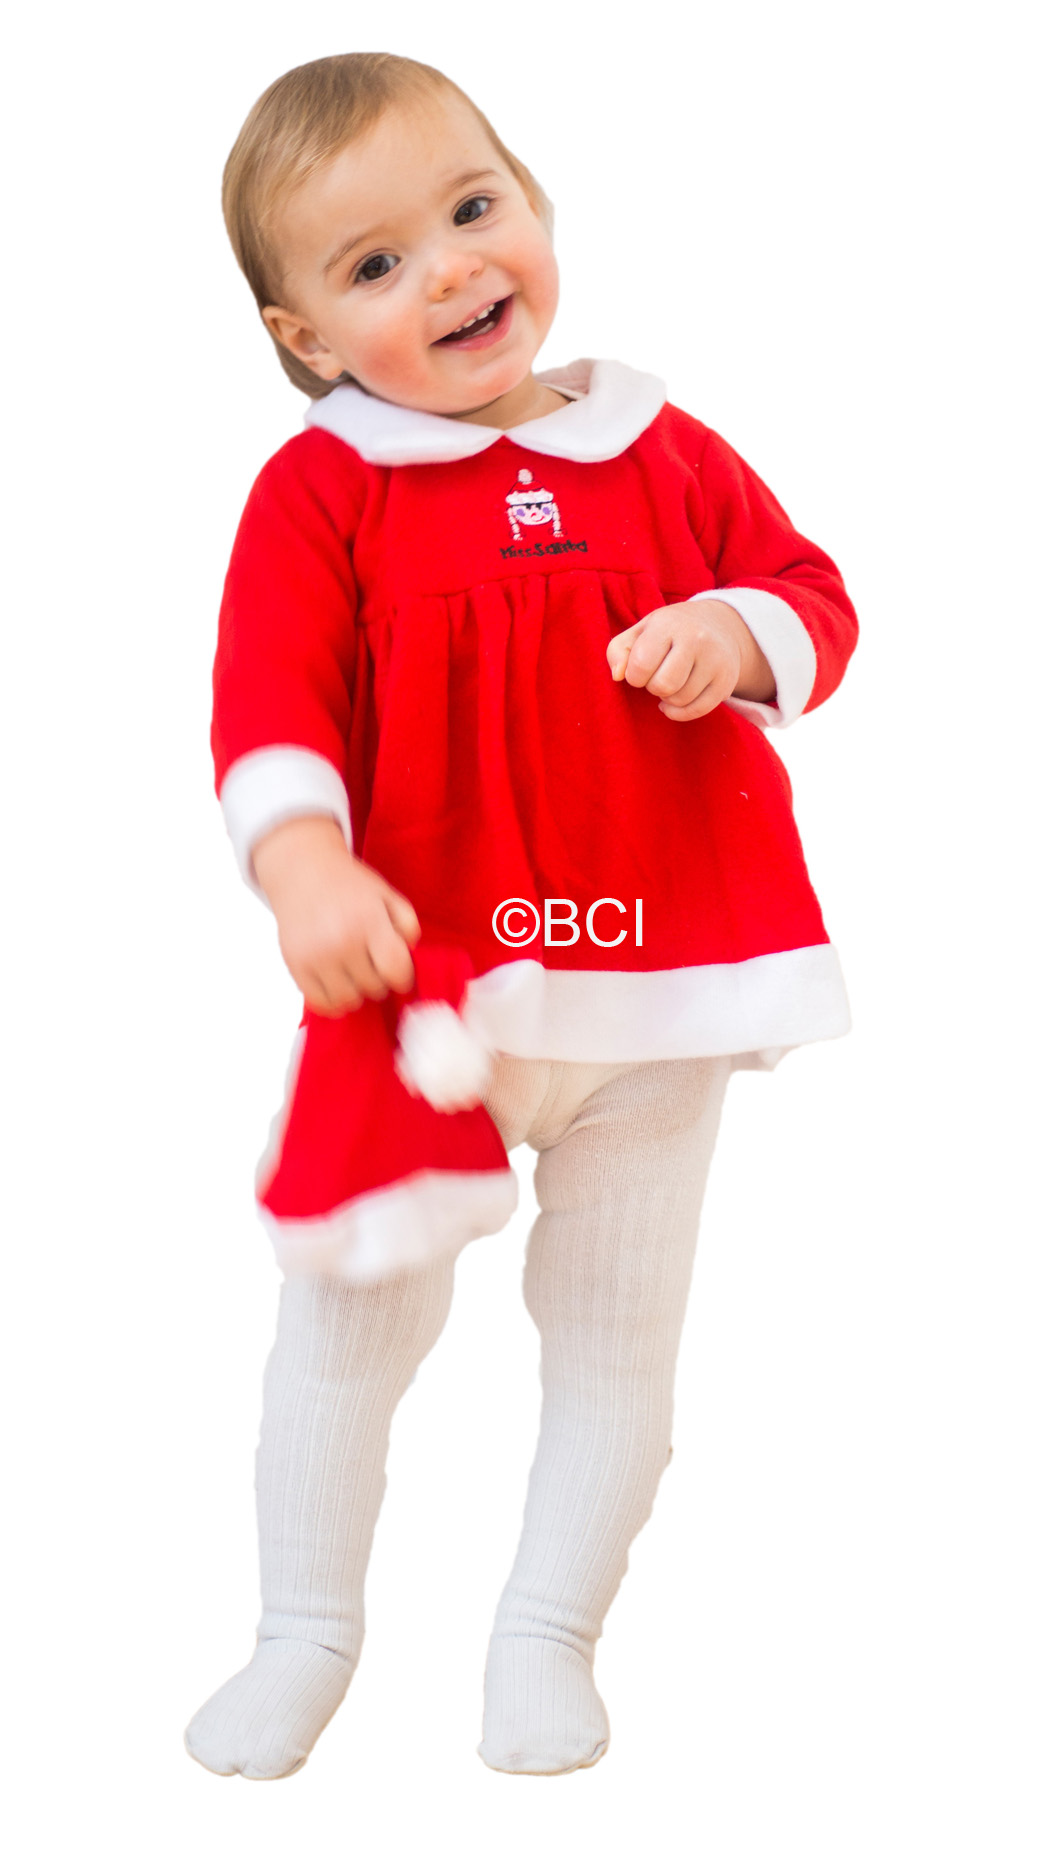 2a446f7ba5f97 Déguisement mère Noël bébé, achat de Déguisements enfants sur ...